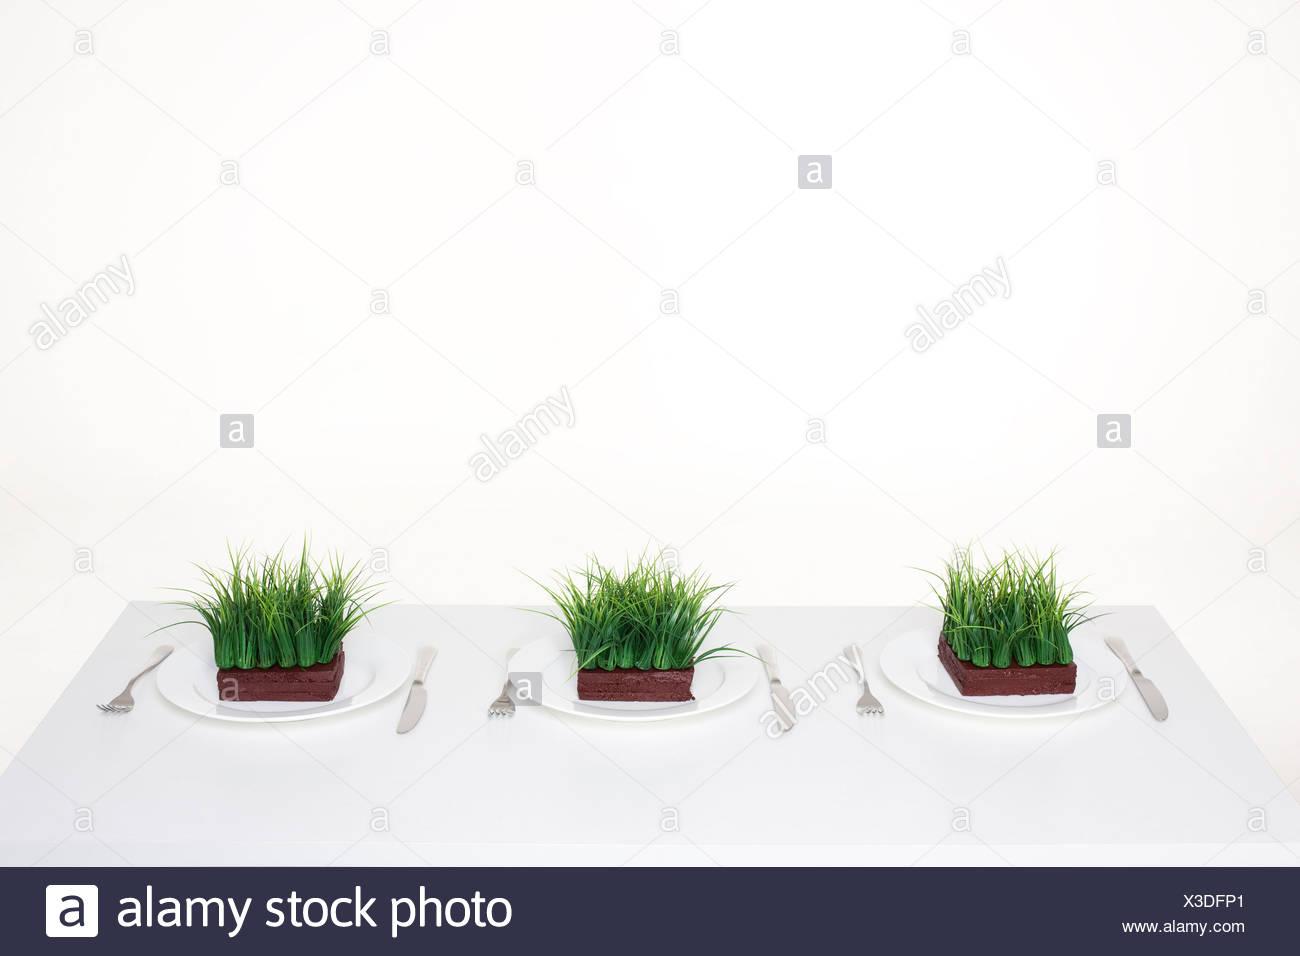 Gedecke mit Portionen Gras Stockbild